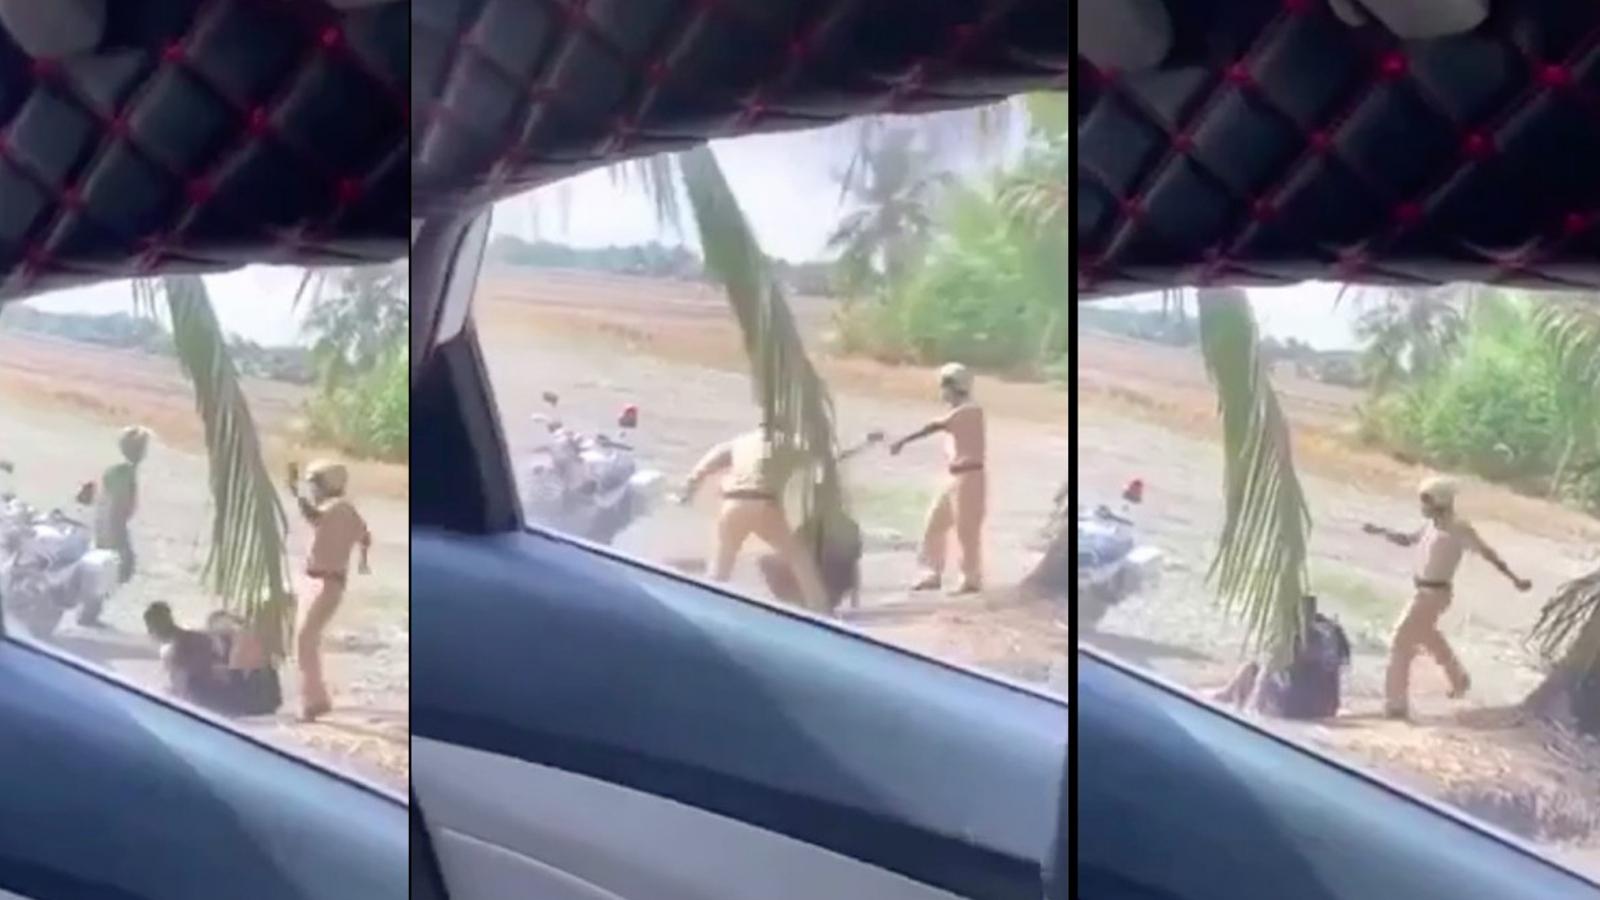 Quay video ở bãi đất trống, nhómYoutubertốbị CSGT hành hung